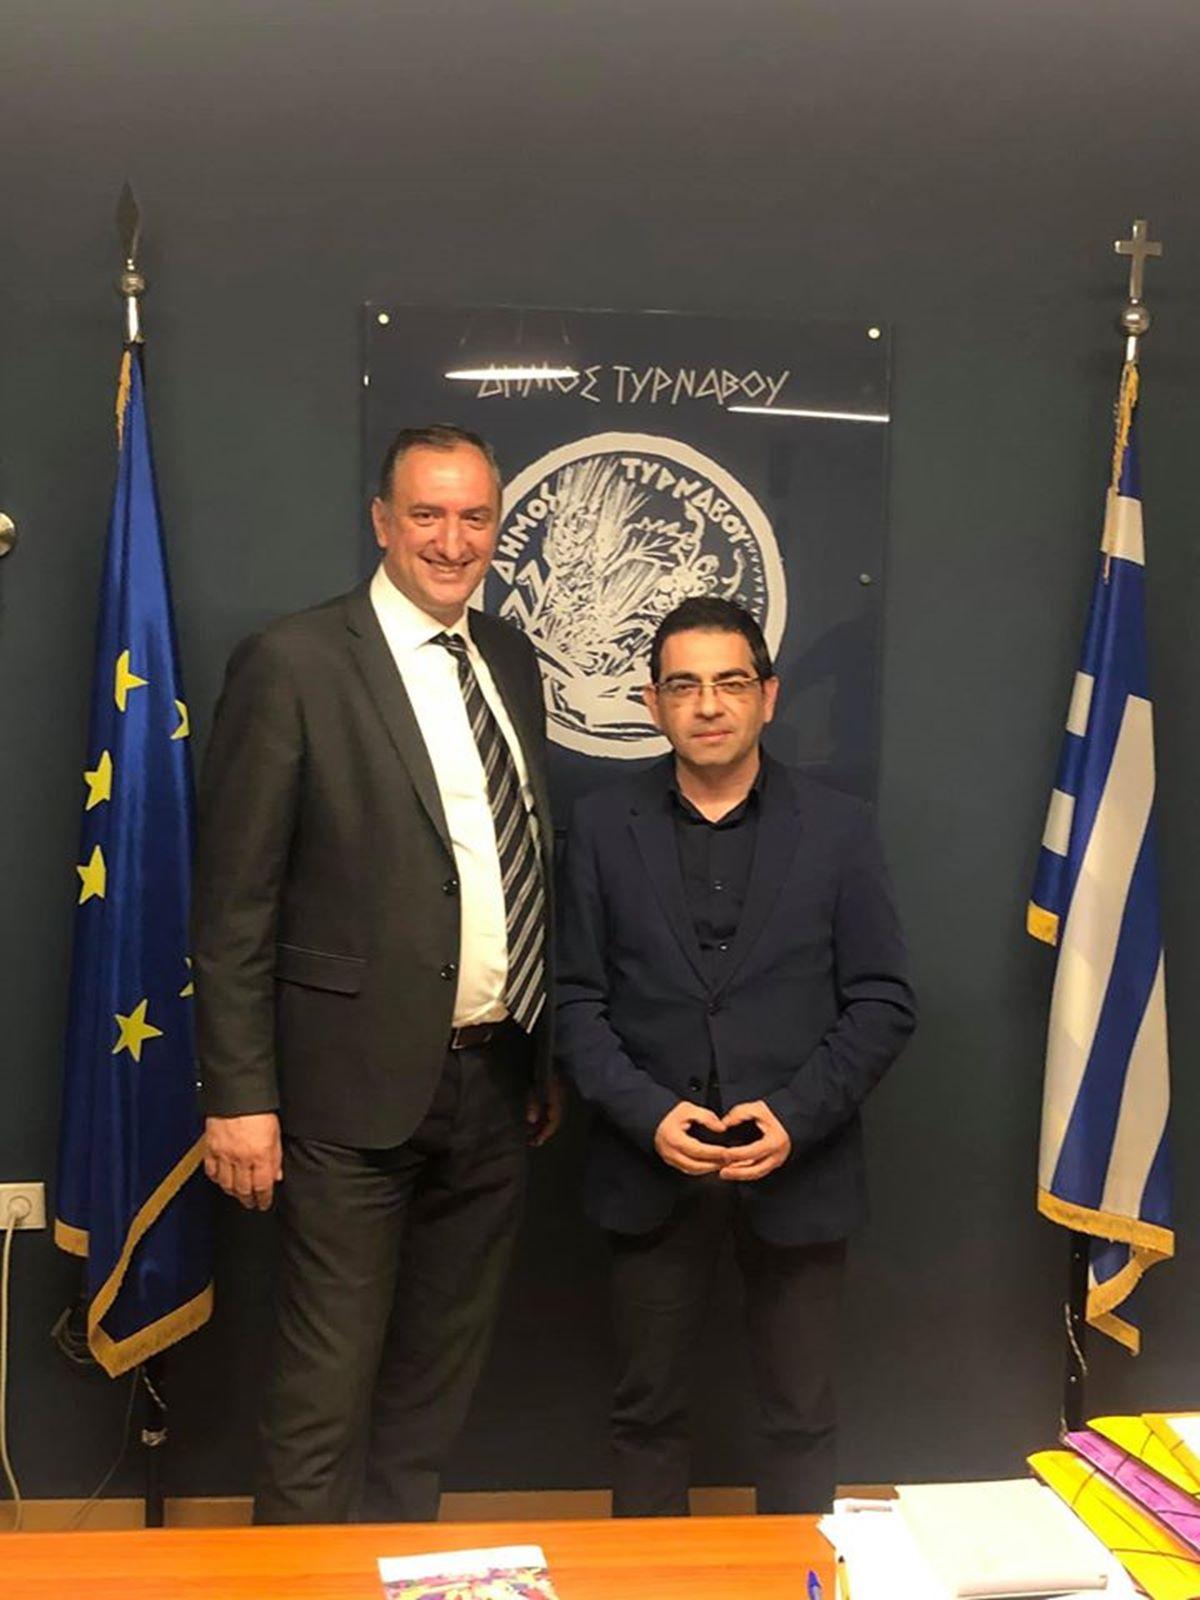 Ο Γενικός Γραμματέας Κοινωνικής Αλληλεγγύης και Καταπολέμησης της Φτώχειας επισκέφθηκε τον Τύρναβο